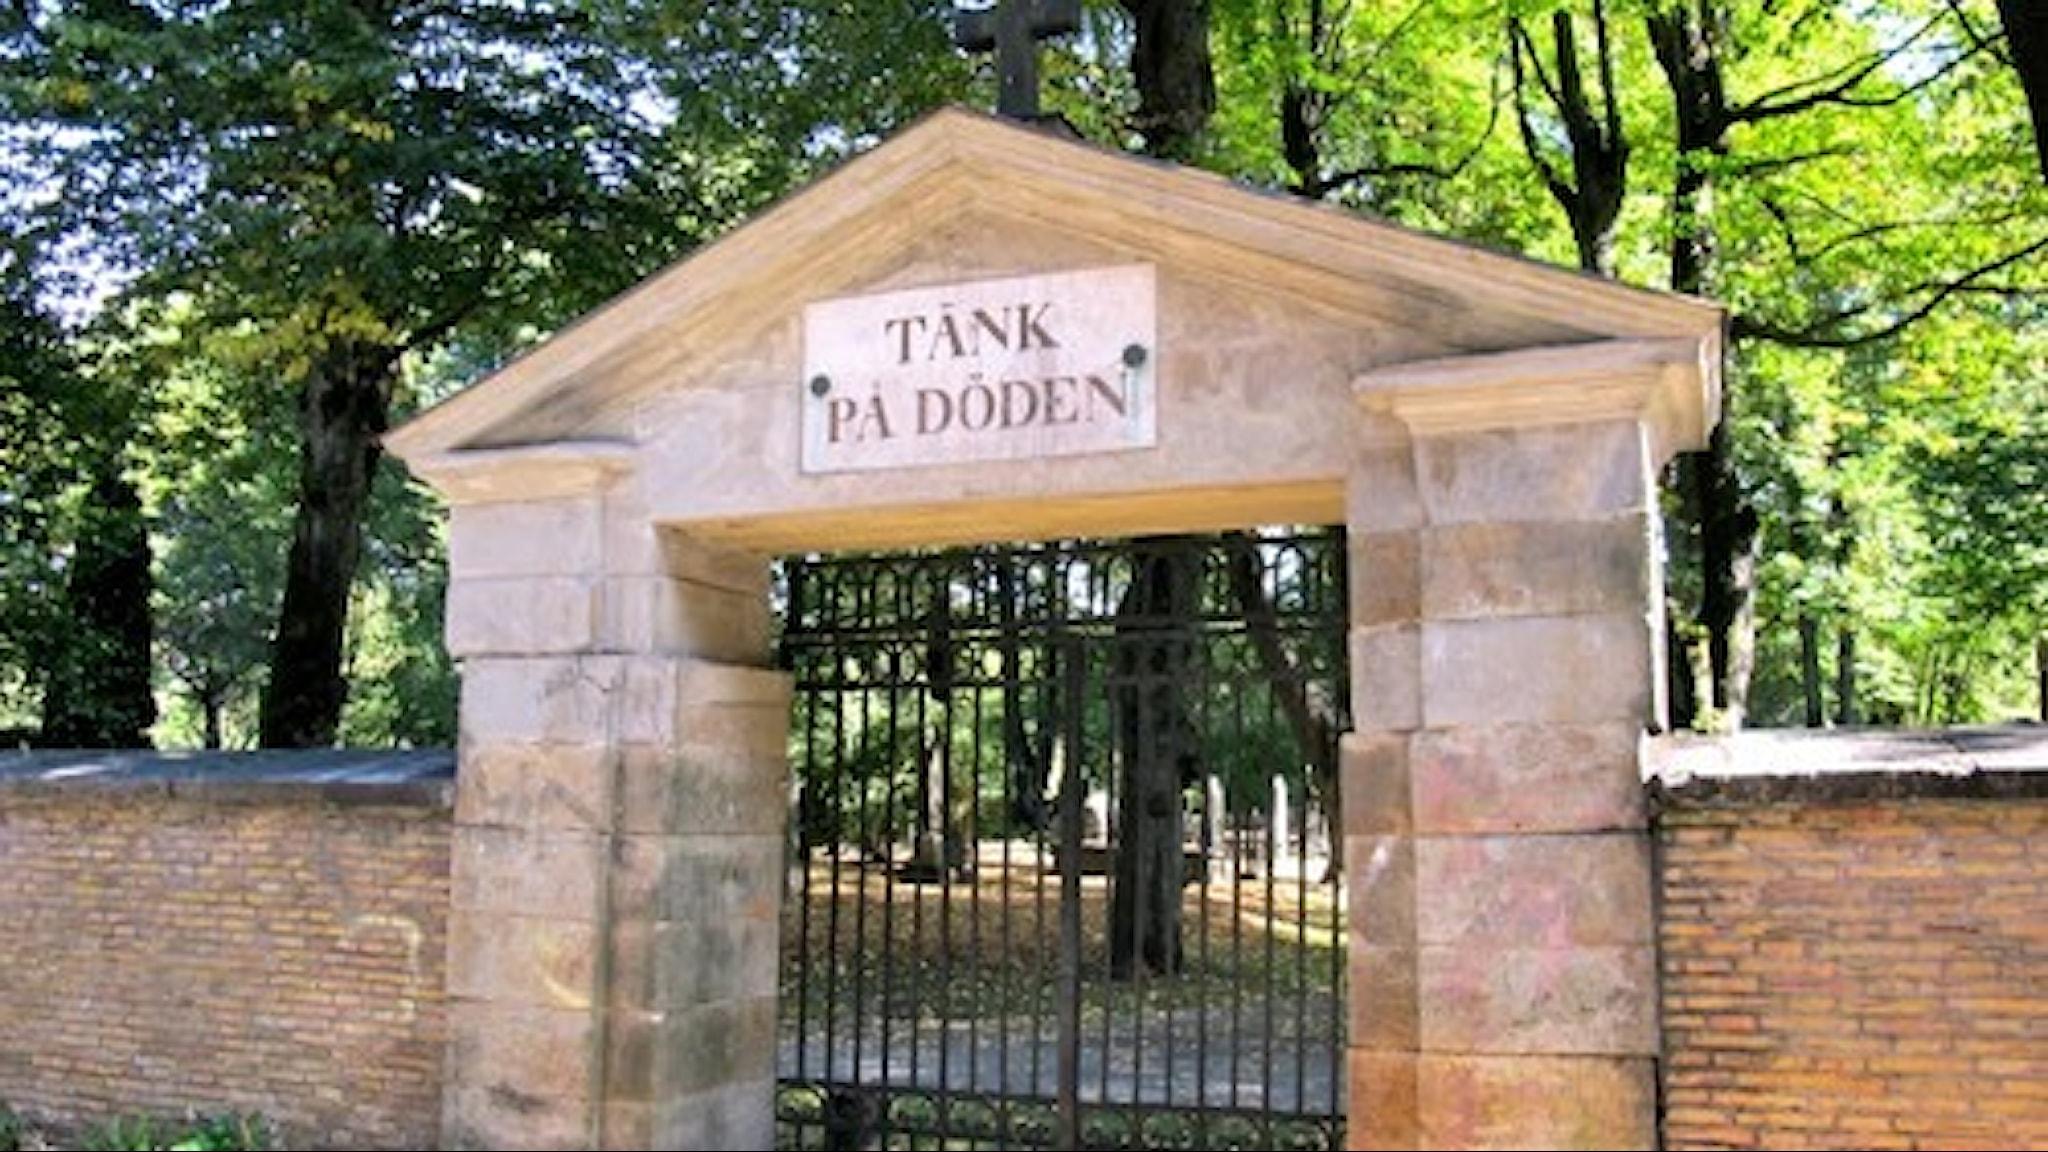 Tänk på döden, så lyder uppmaningen på portalen som leder till Stampens begravningsplats i Göteborg.